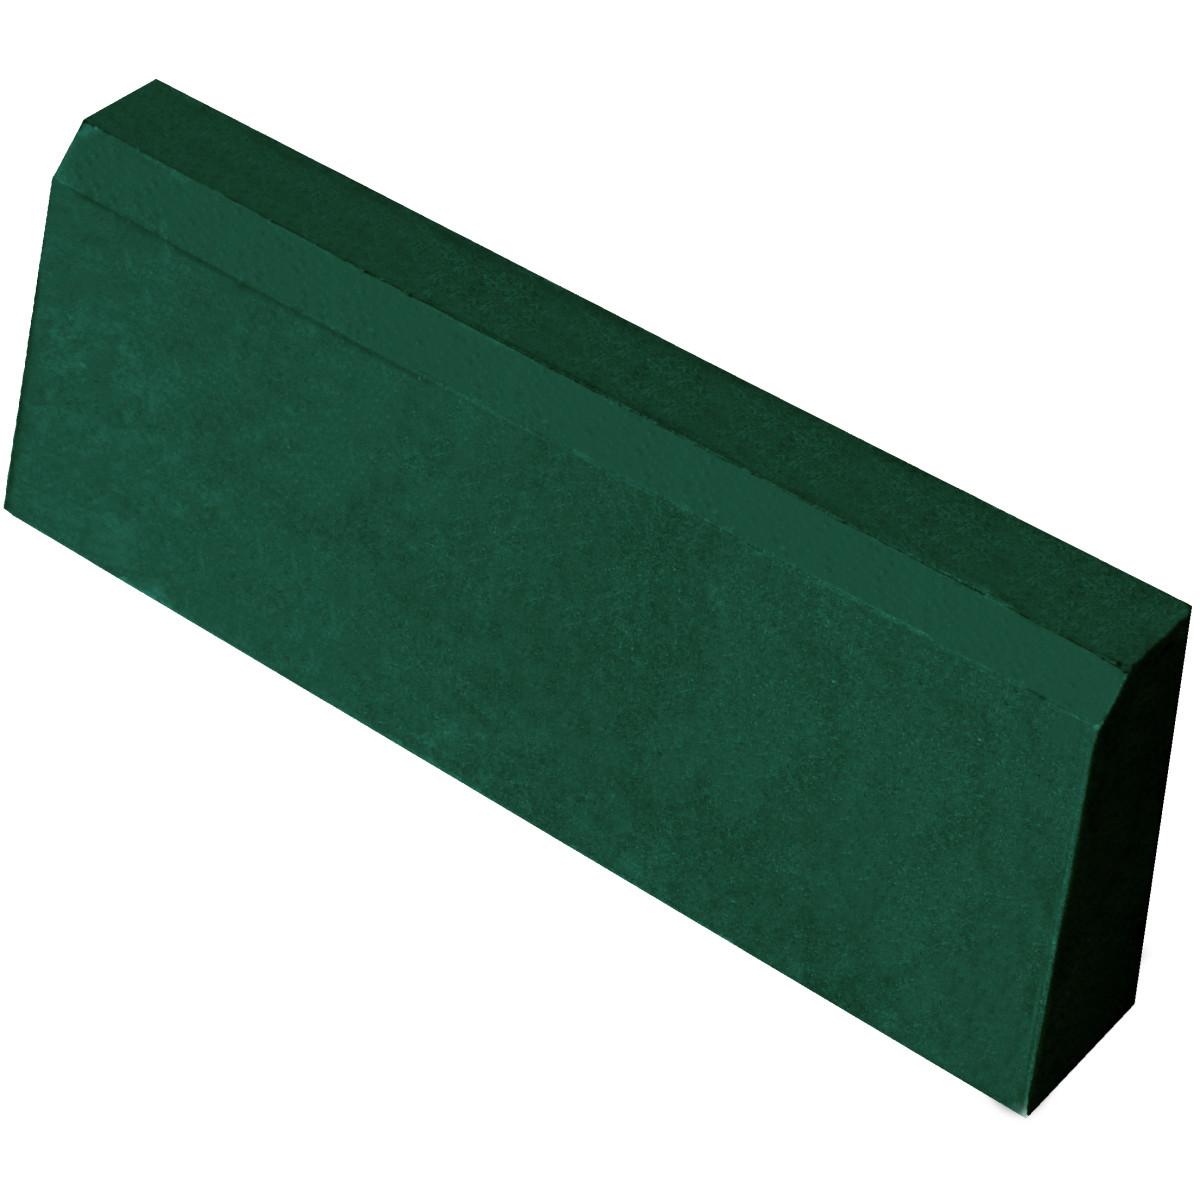 Бордюр тротуарный облегчённый 500x200x40 мм цвет зелёный